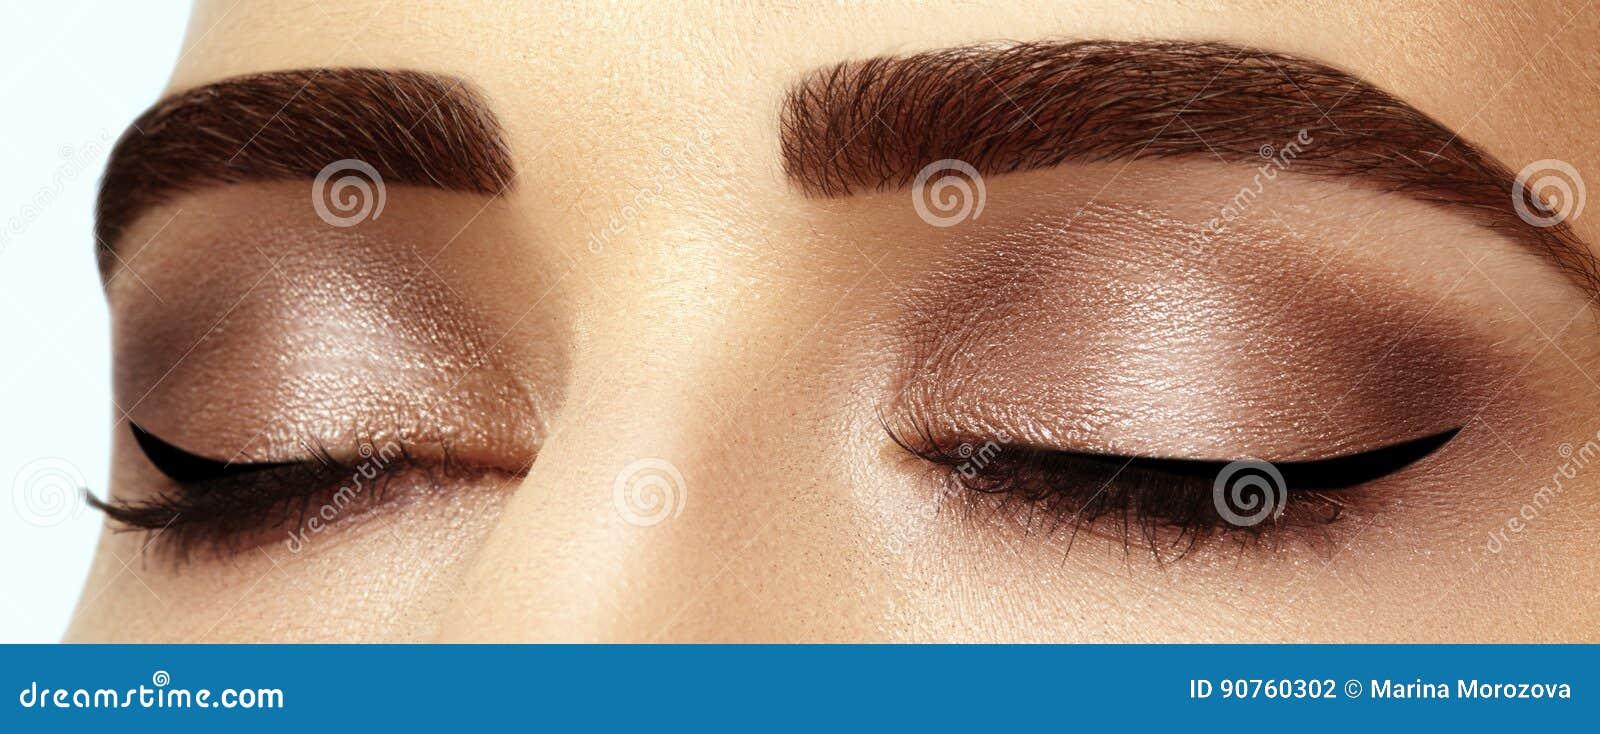 Perfekt form av ögonbryn, bruna ögonskuggor och långa ögonfrans Closeupmakroskott av rökig ögonanlete för mode